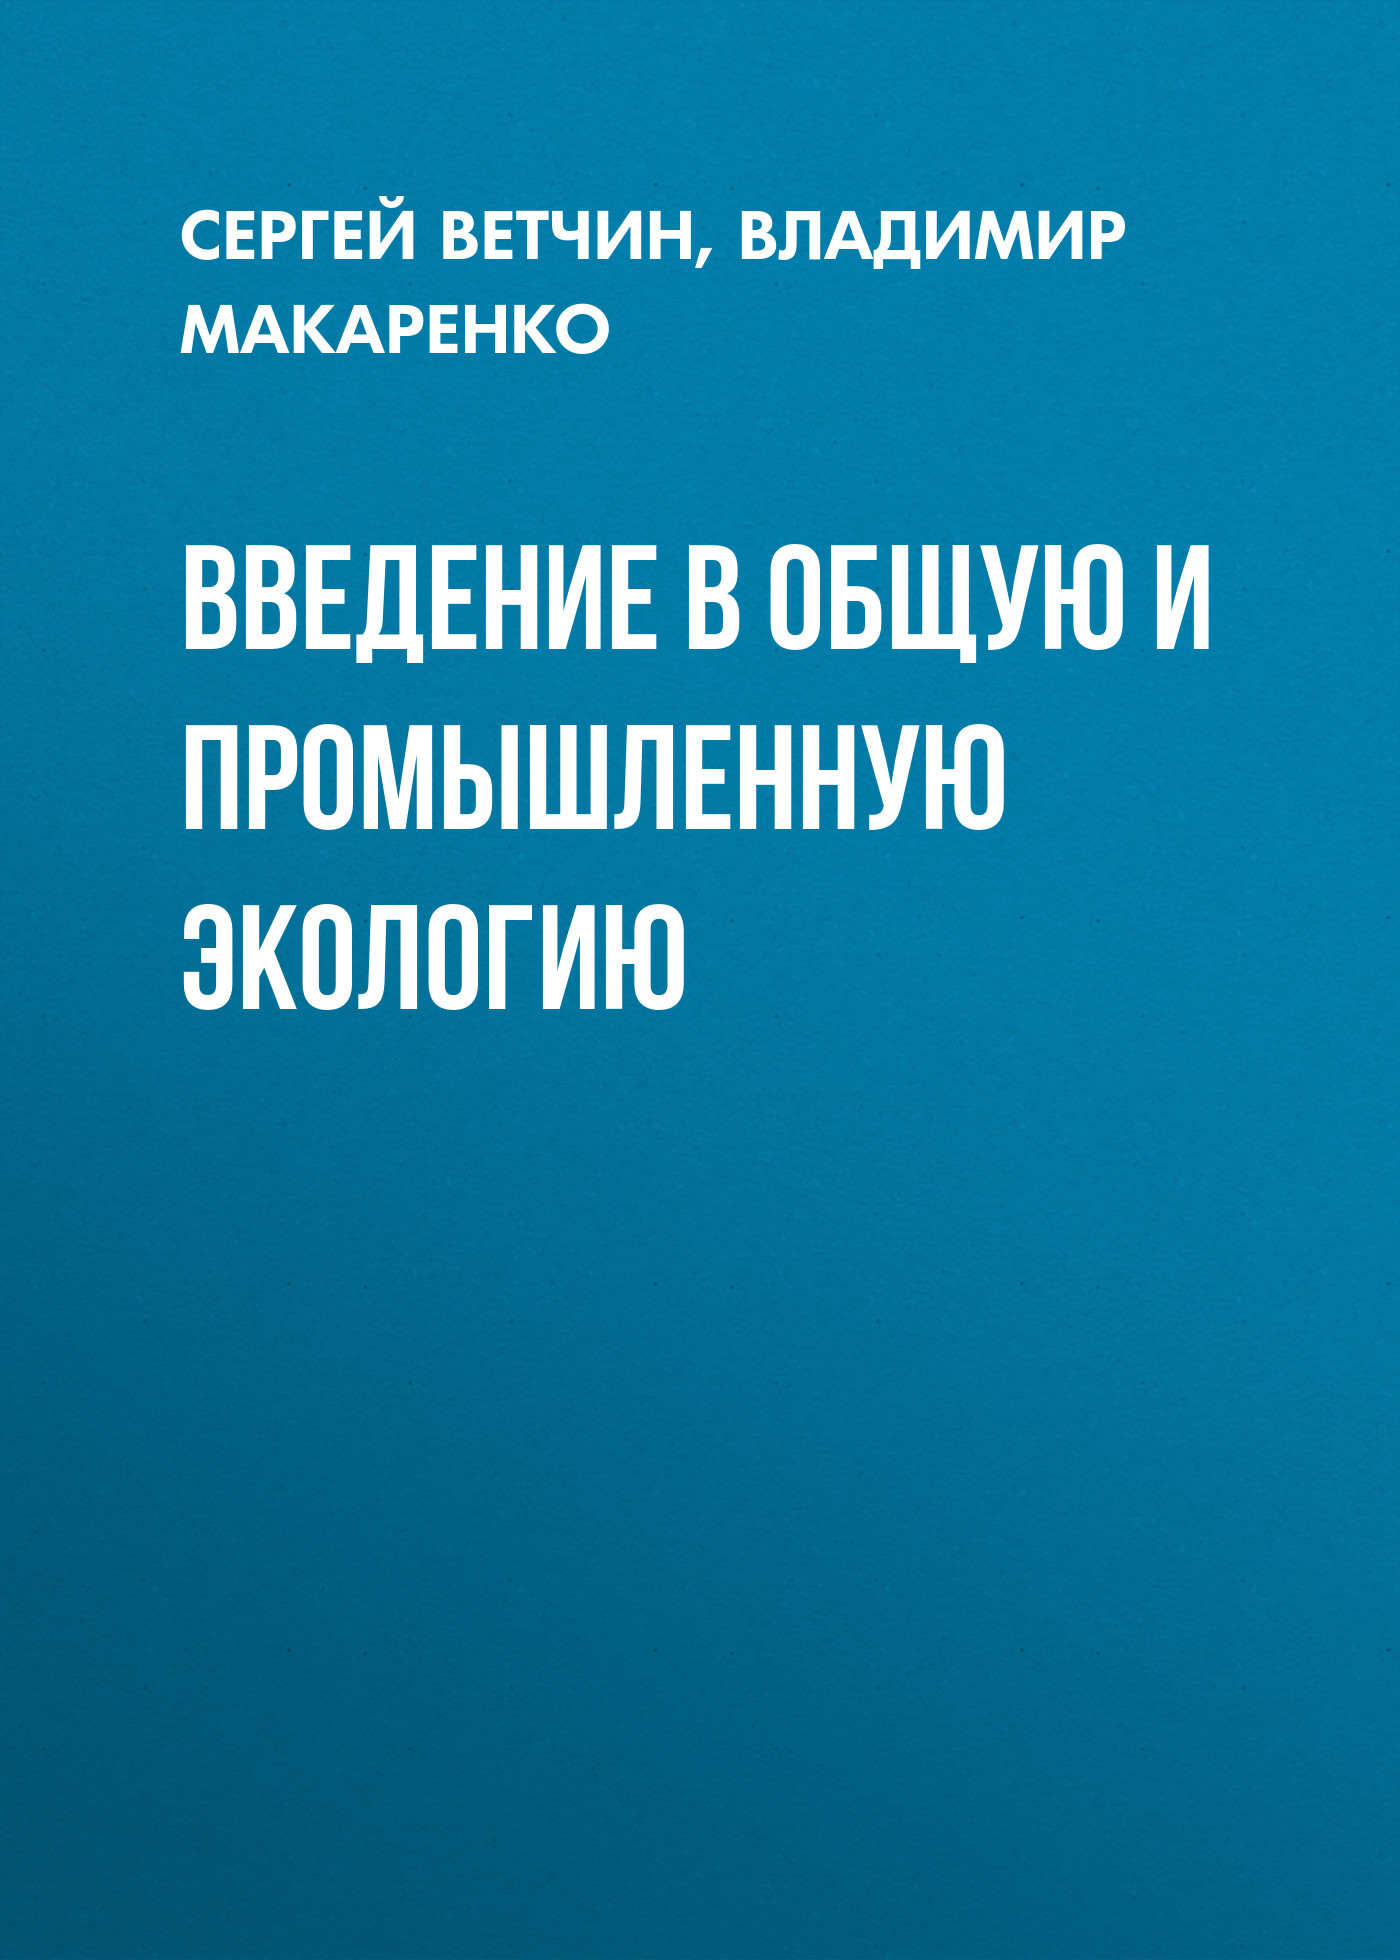 Владимир Макаренко Введение в общую и промышленную экологию